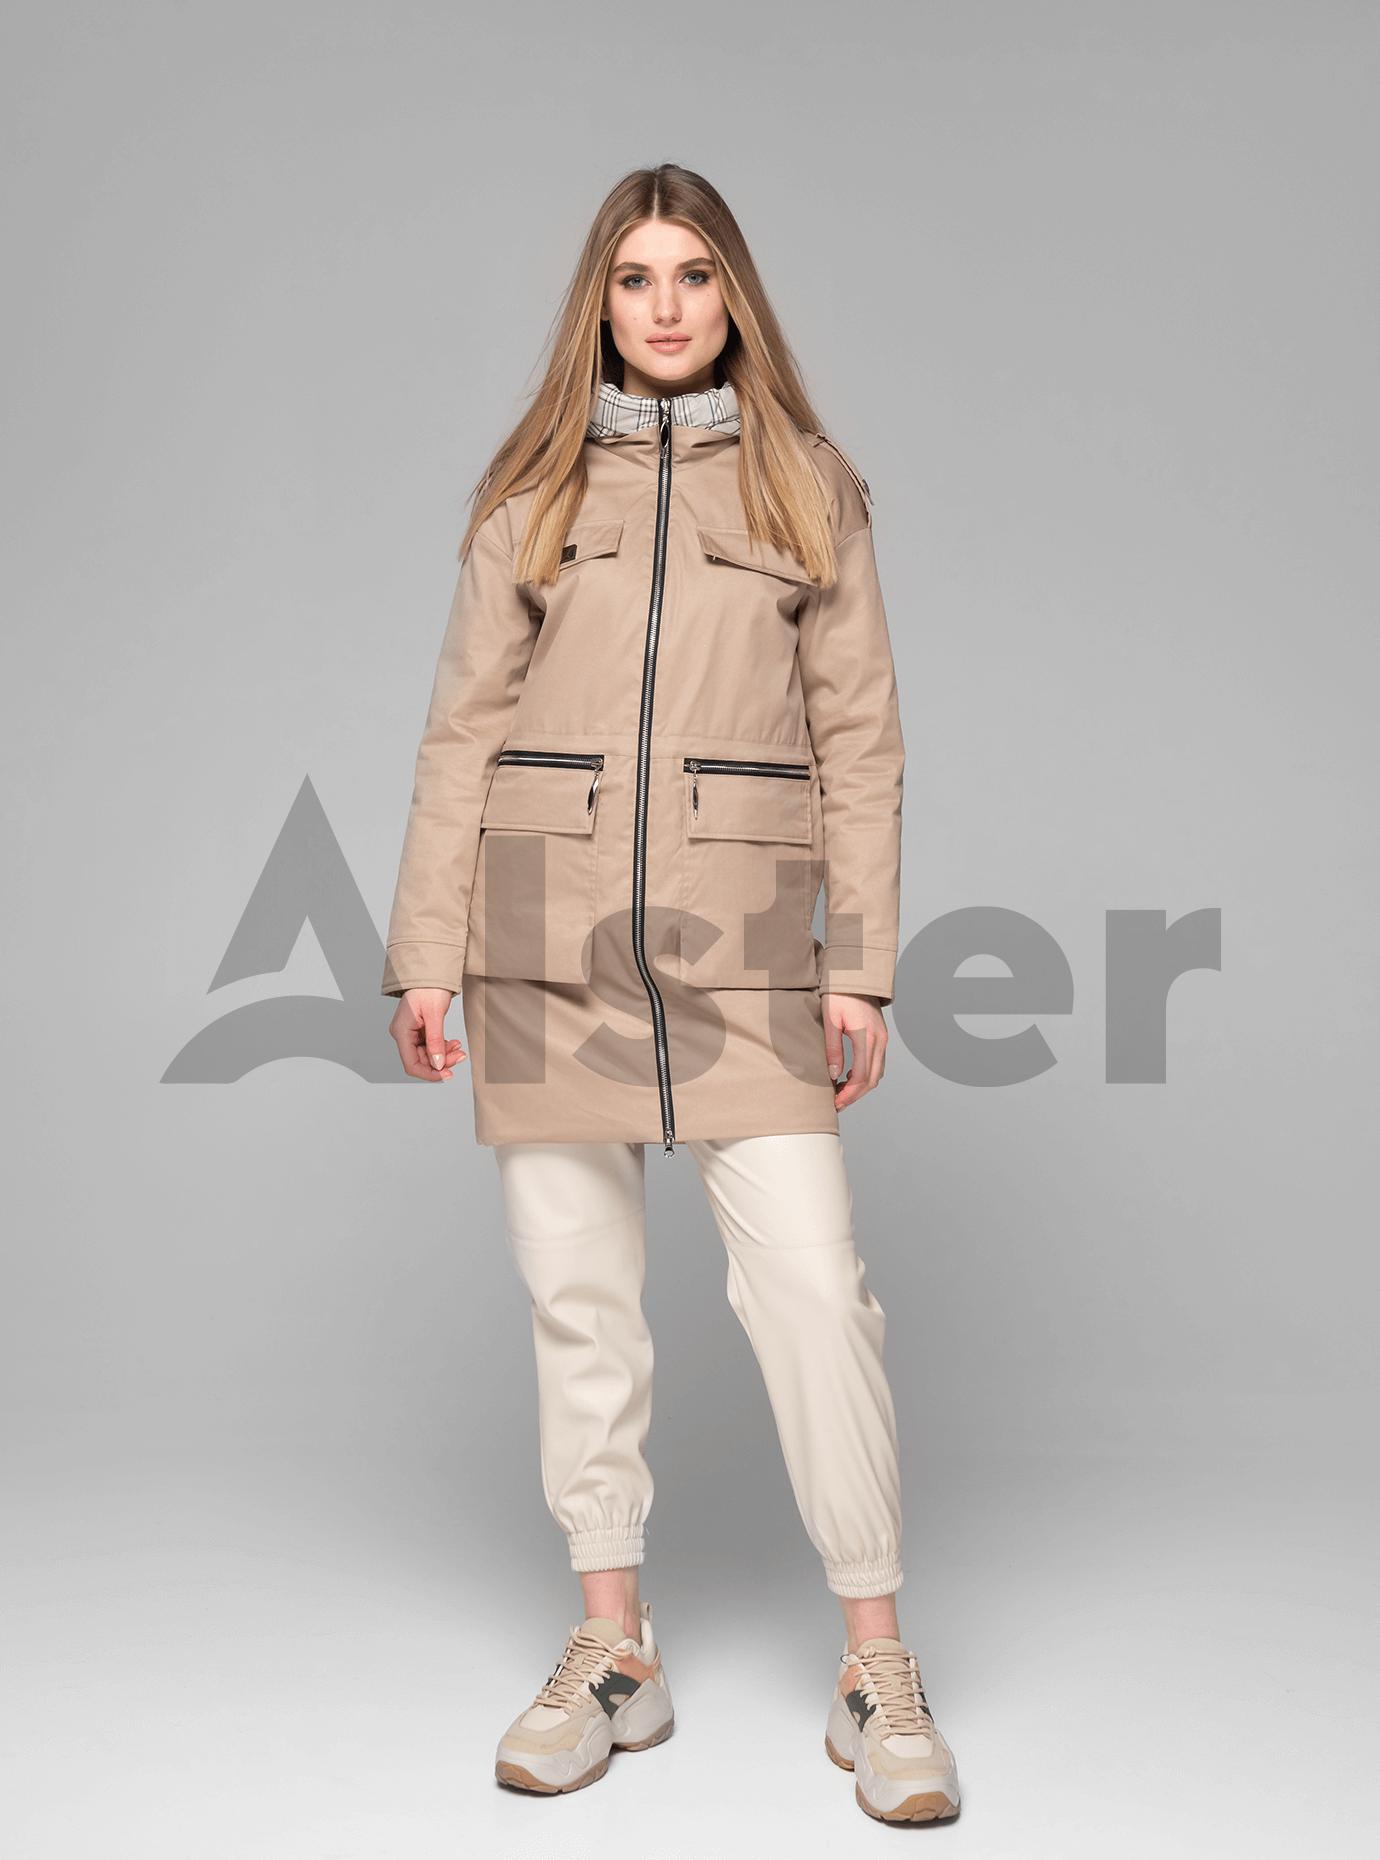 Куртка демисезонная женская средней длины Бежевый XL (02-V191033): фото - Alster.ua